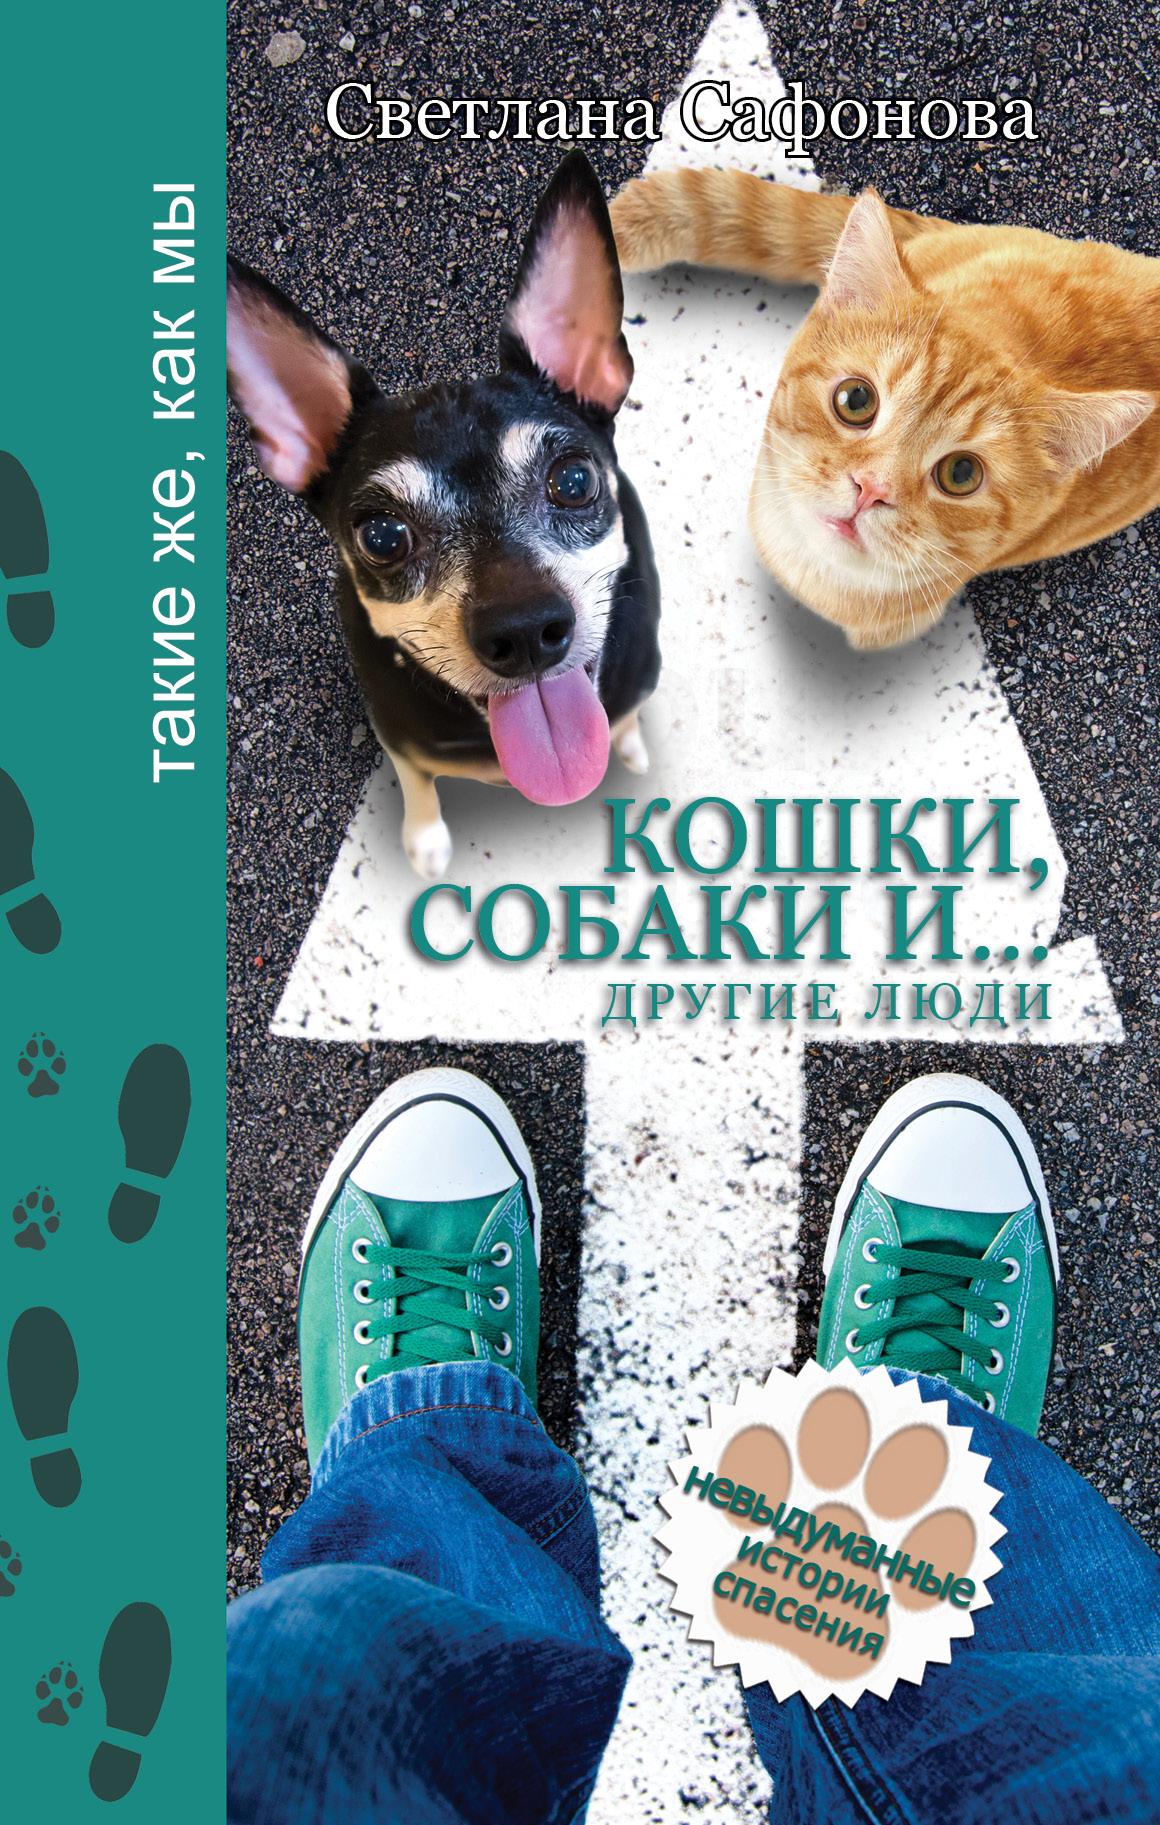 Сафонова С. Кошки, собаки и... другие люди иеромонах серафим параманов об отношении к животным